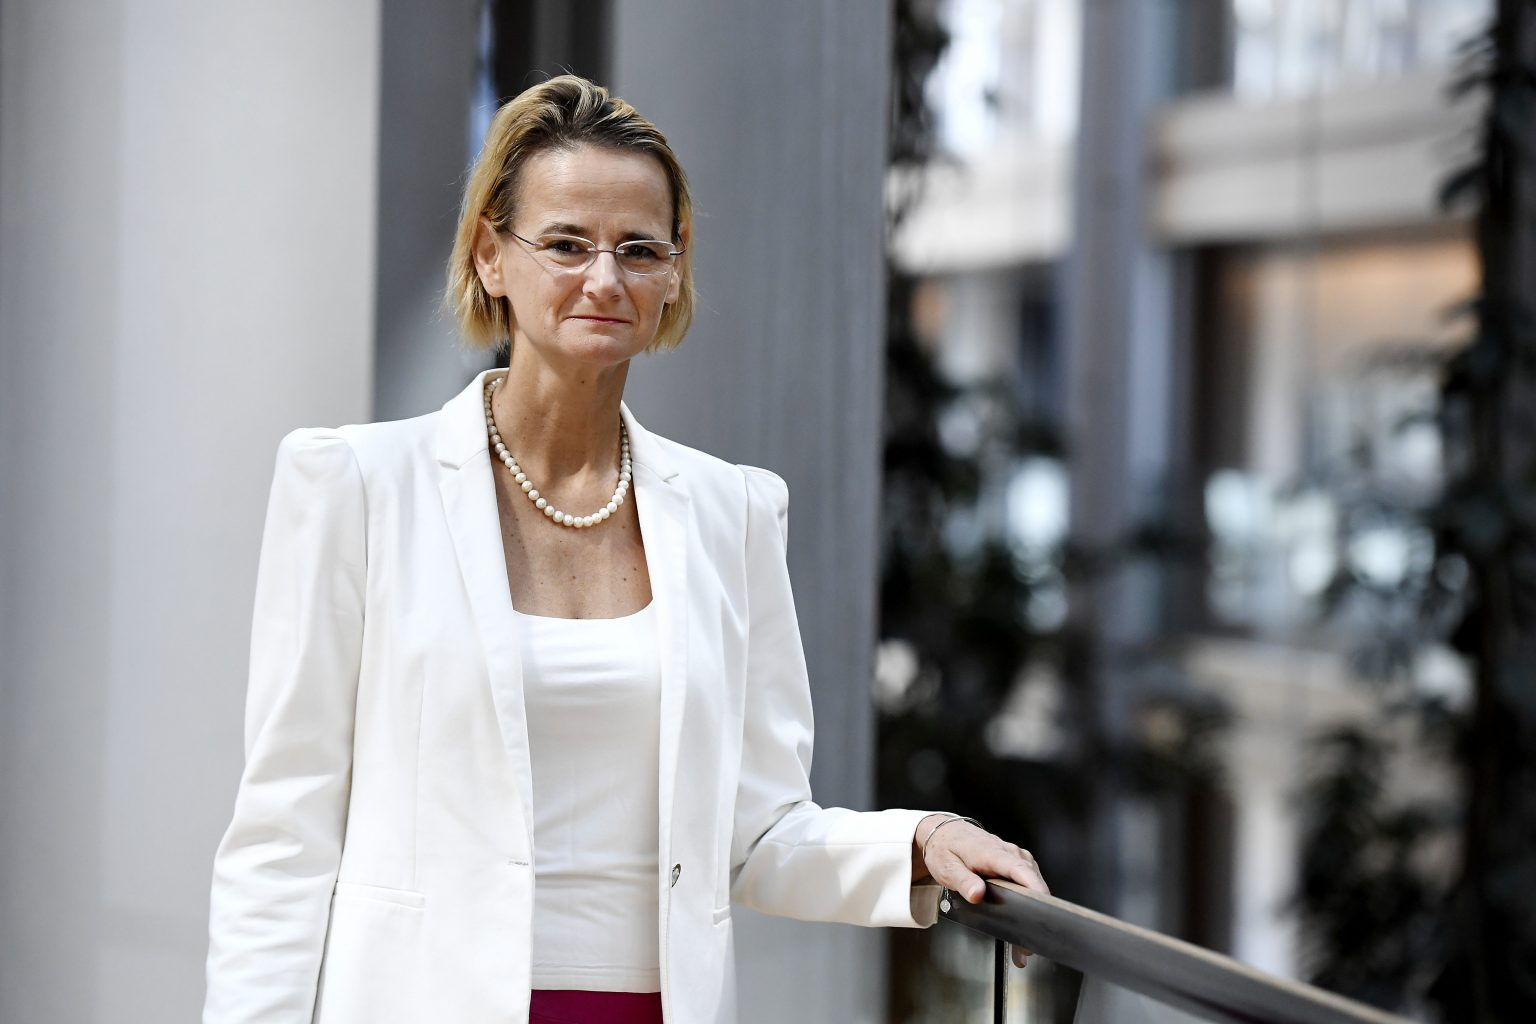 Enikő Győri, poslankyně maďarského vládnoucího Fideszu